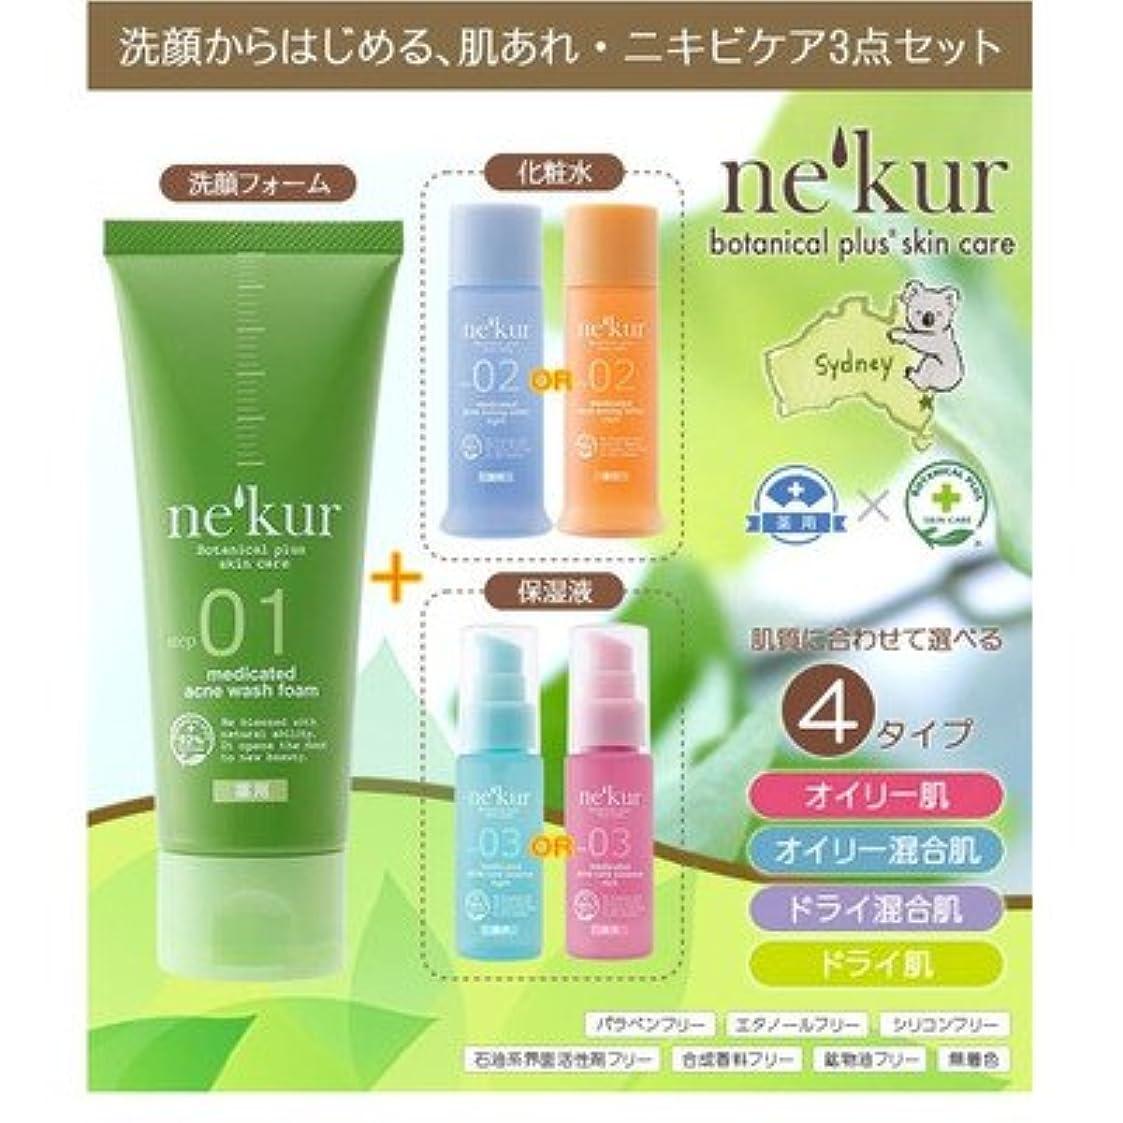 とは異なり研究所サイズネクア(nekur) ボタニカルプラススキンケア 薬用アクネ洗顔3点セット ドライ混合肌セット( 画像はイメージ画像です お届けの商品はドライ混合肌セットのみとなります)